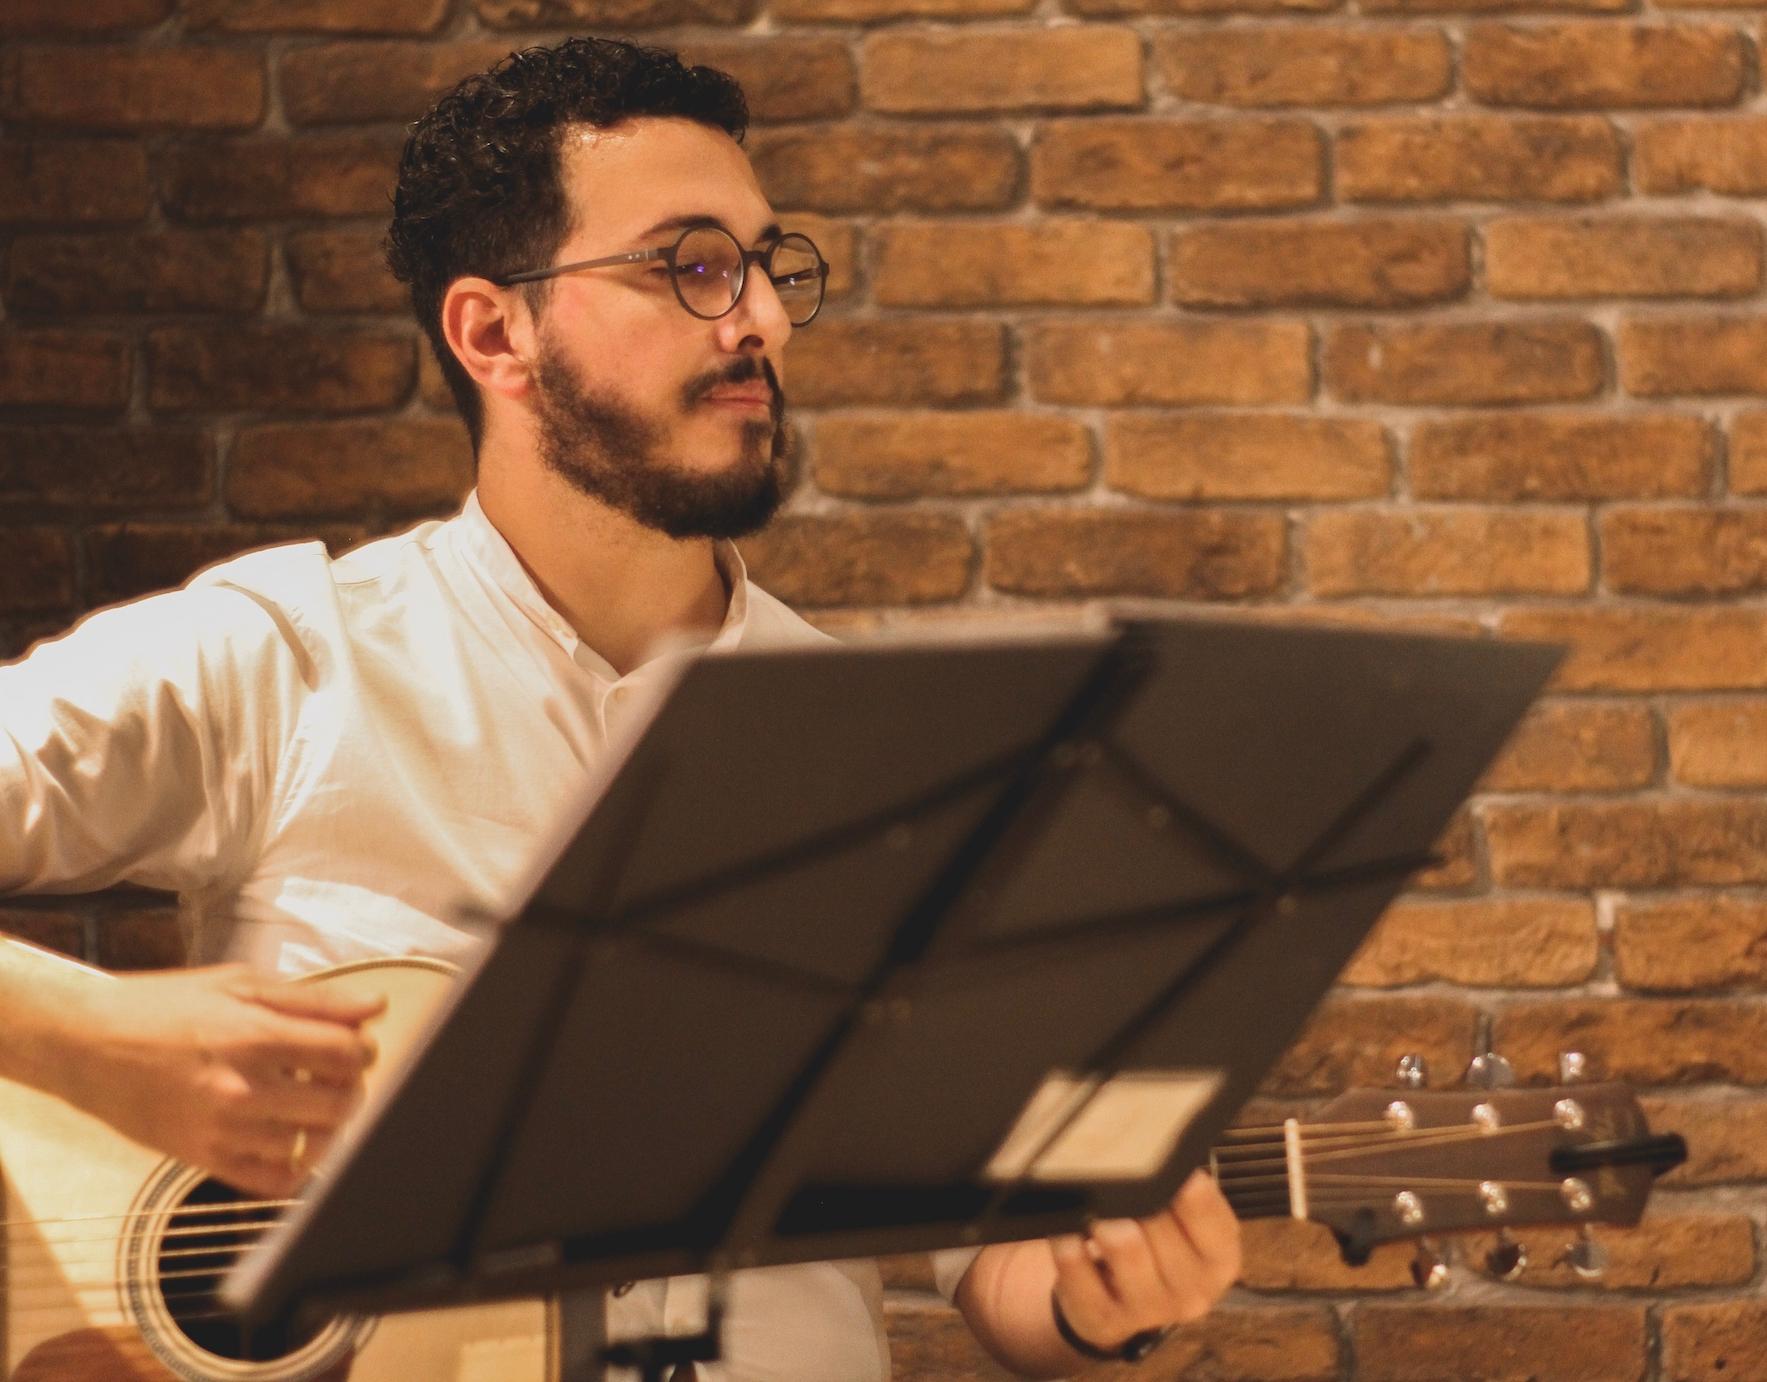 Casamento Leidi e Ale Voz, Violão e Violino 06